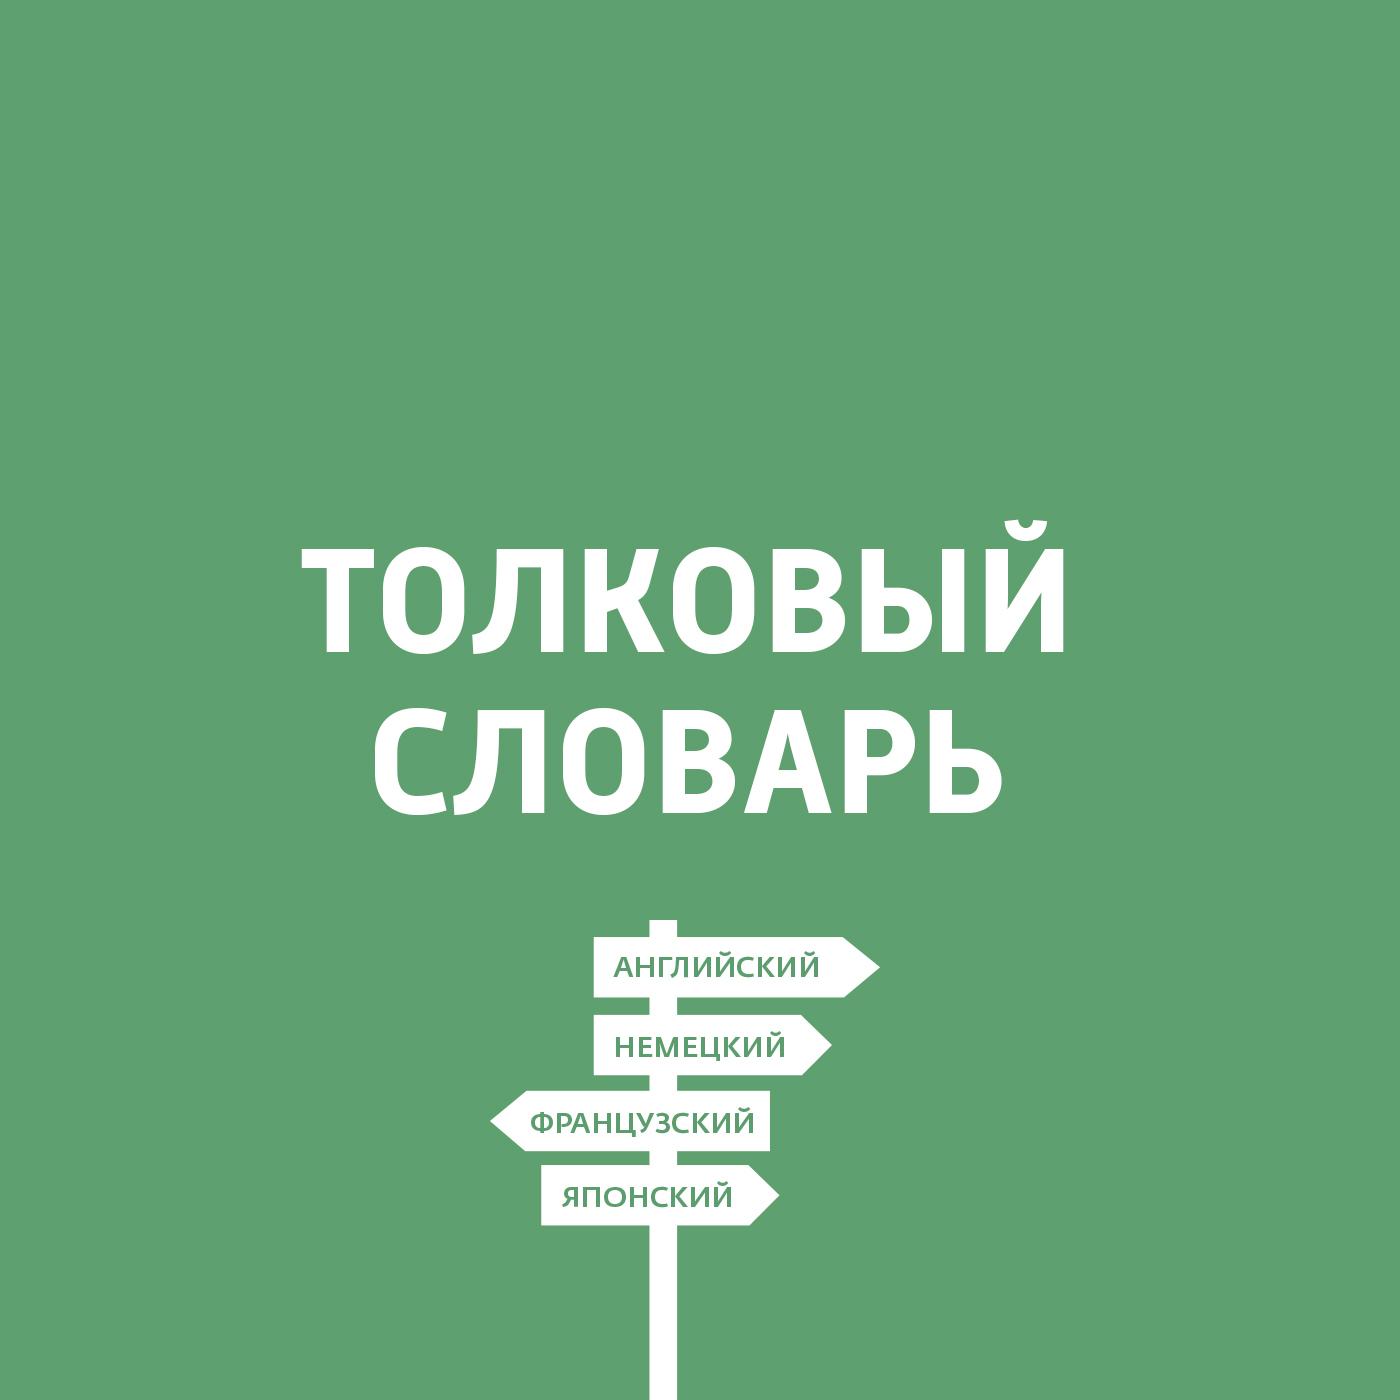 Дмитрий Петров Толковый словарь. Испанский язык. Часть 2